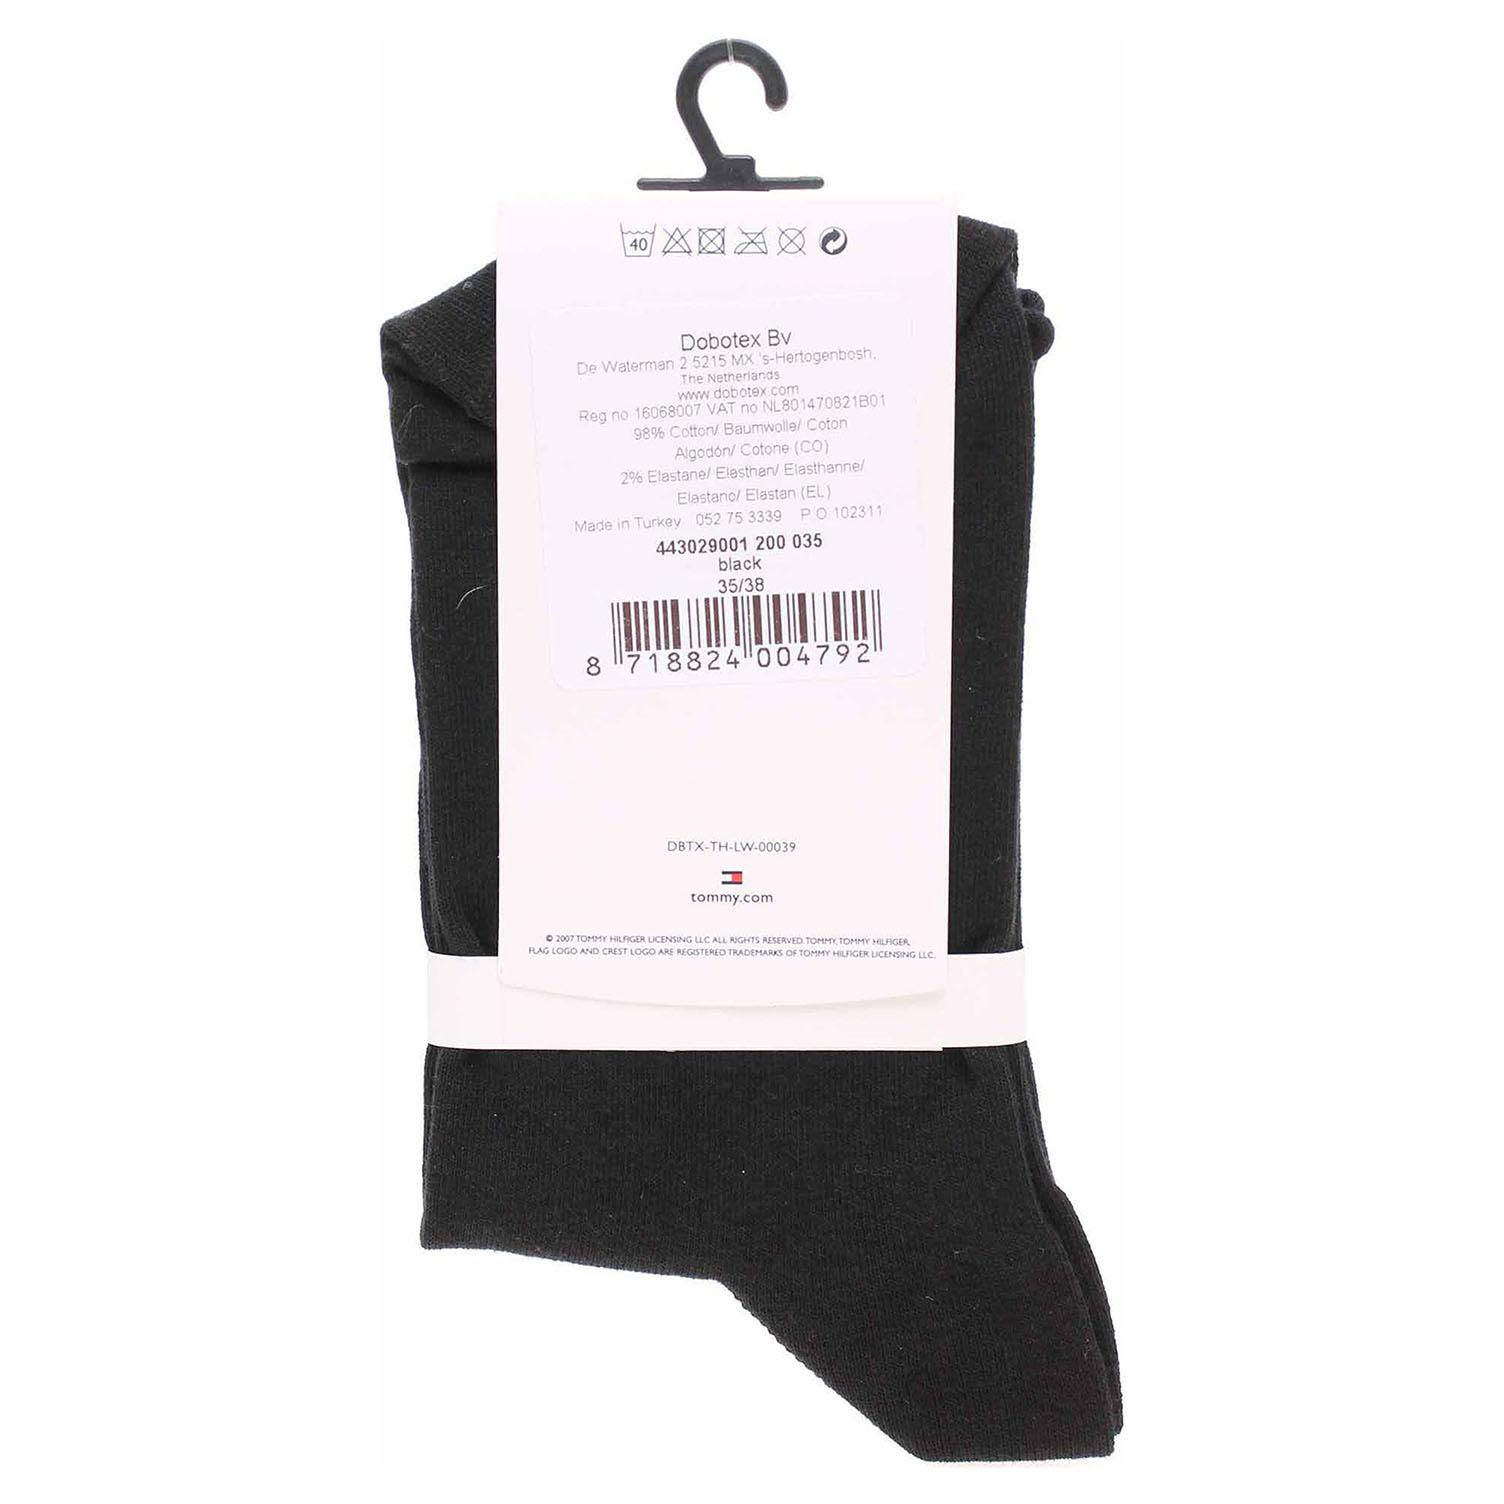 Ecco Tommy Hilfiger dámské ponožky 443029001 black 13201934